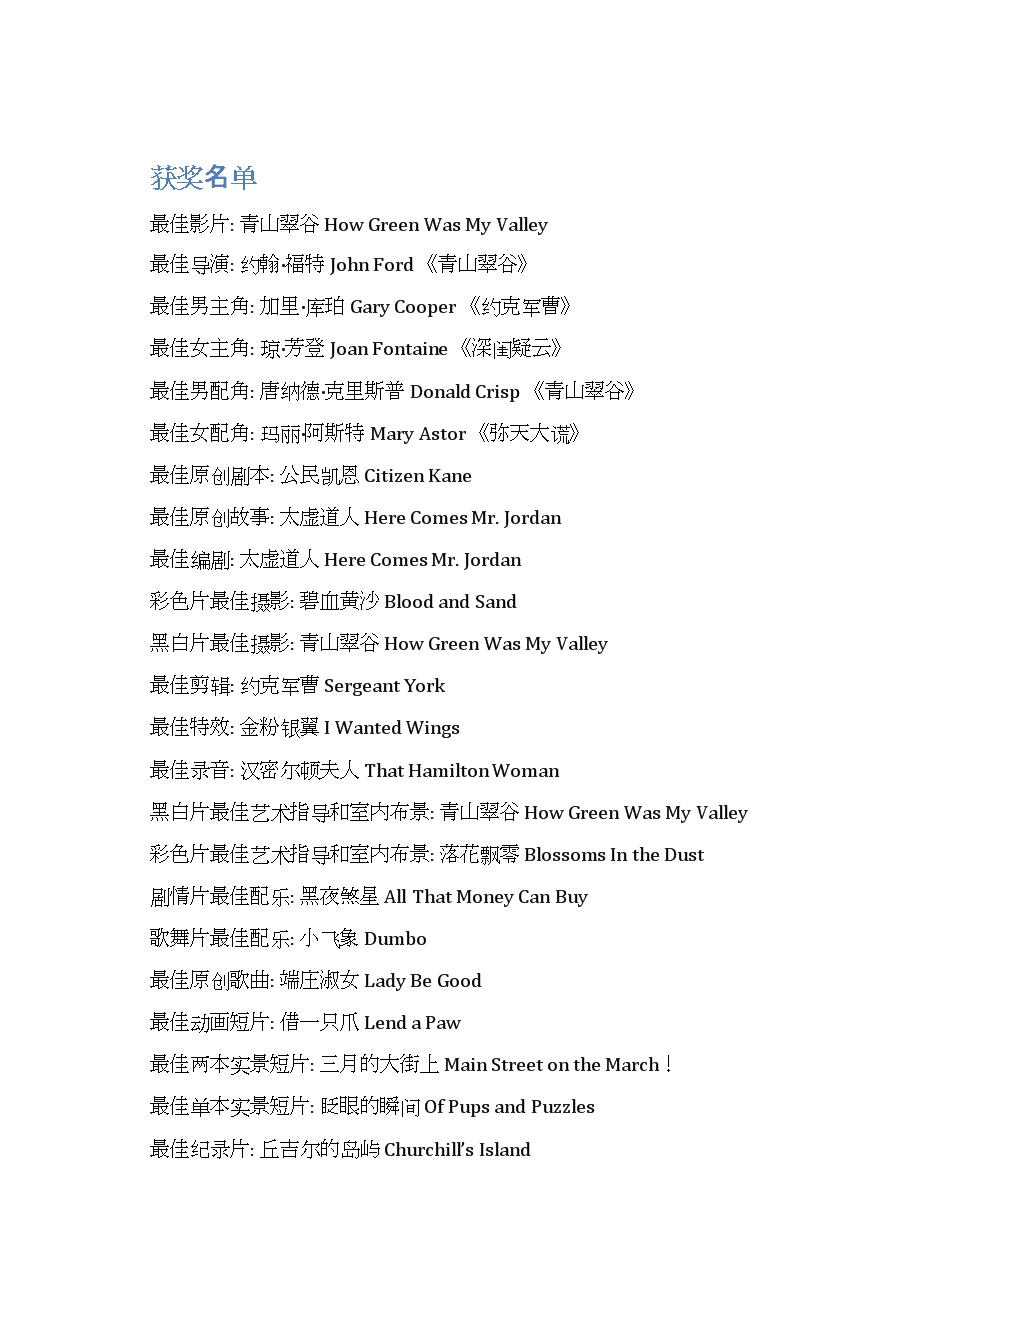 历届奥斯卡电影经典之1942年.docx